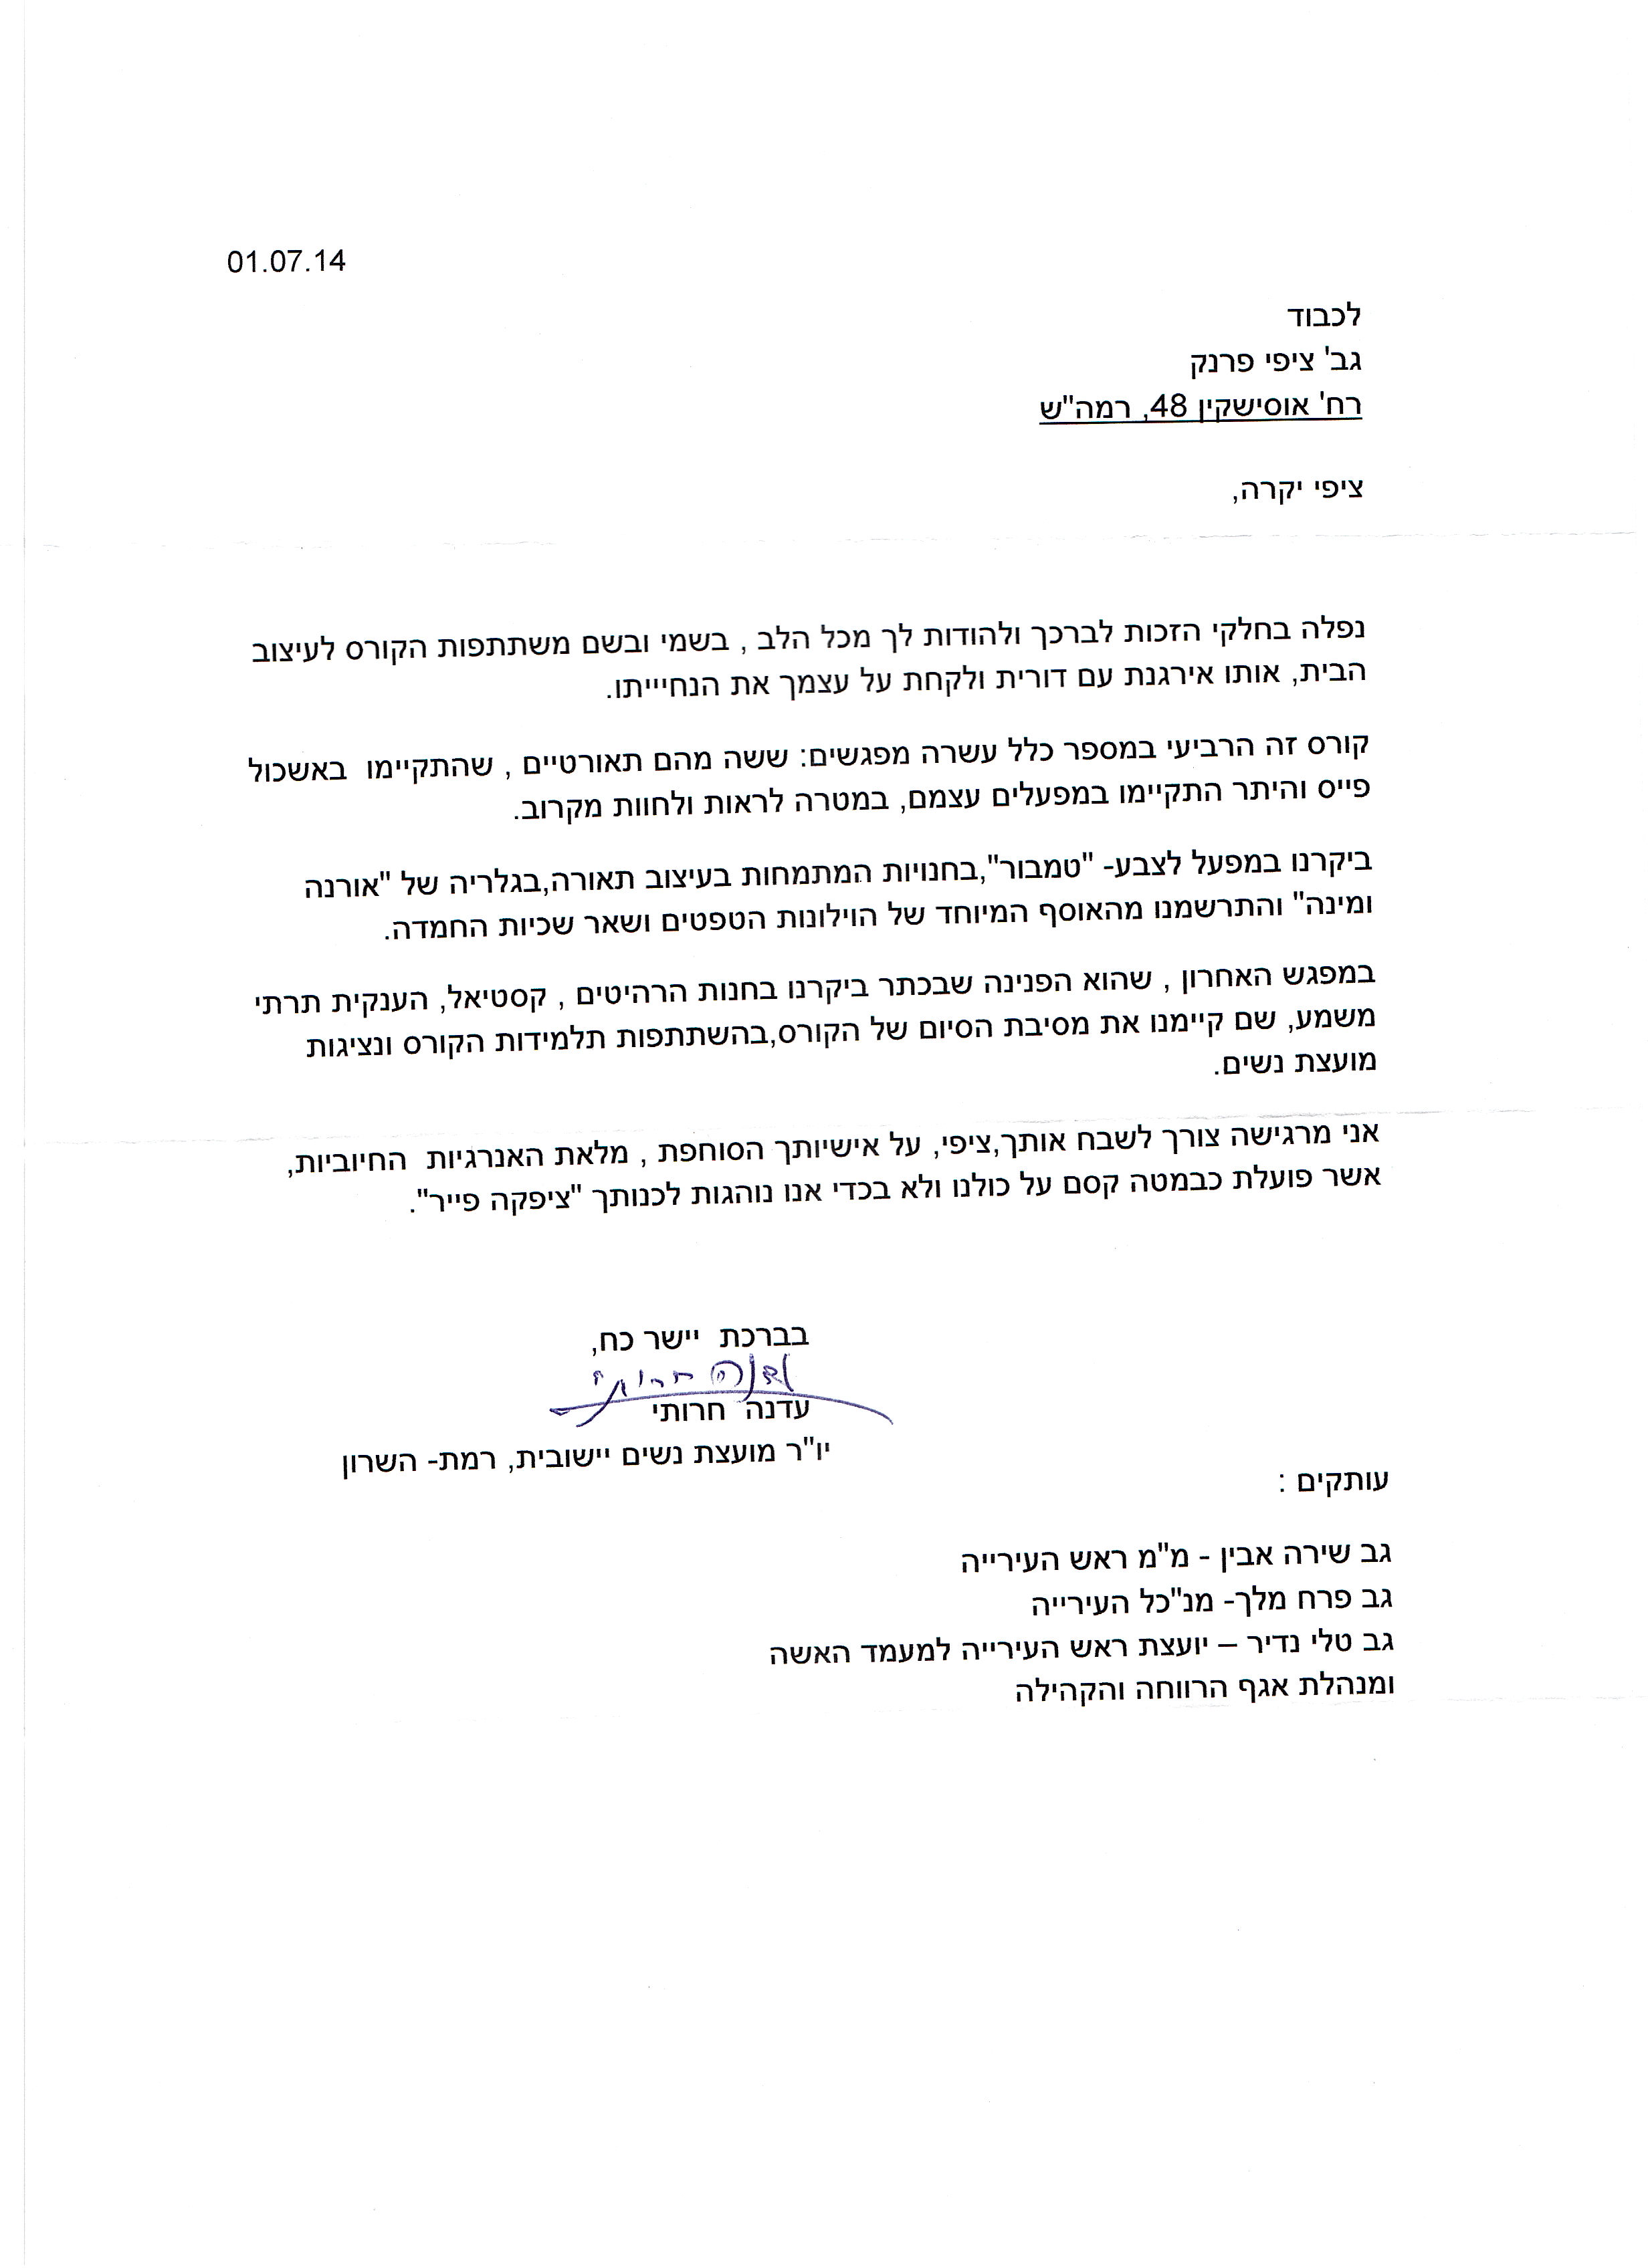 מכתב תודה לציפי - מועצת נשים4 רמת השרון